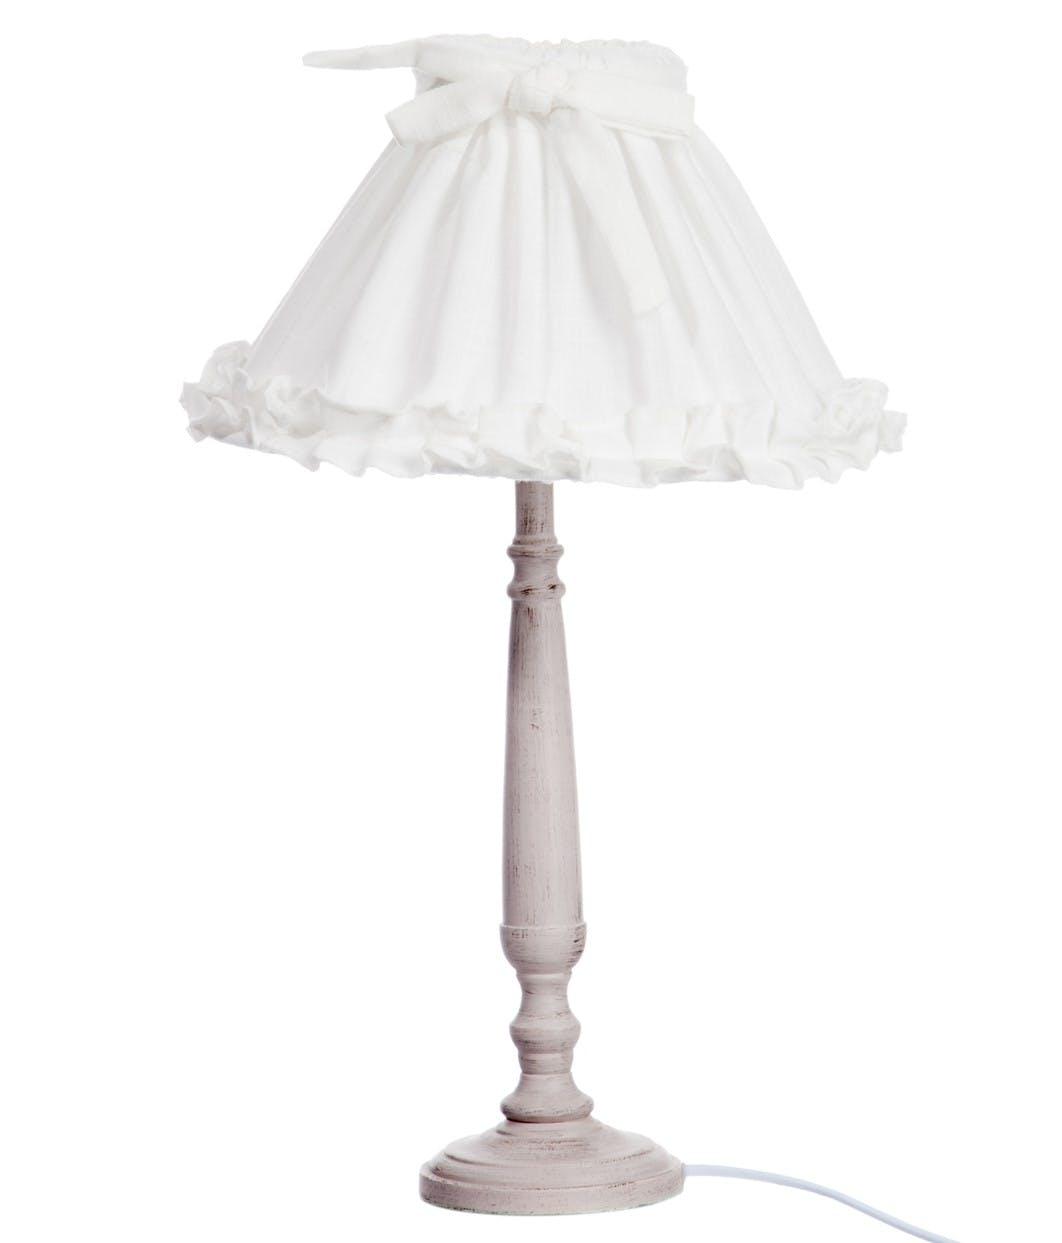 Lampe charme en bois beige et abat-jour blanc décor n?ud 21x31x50cm